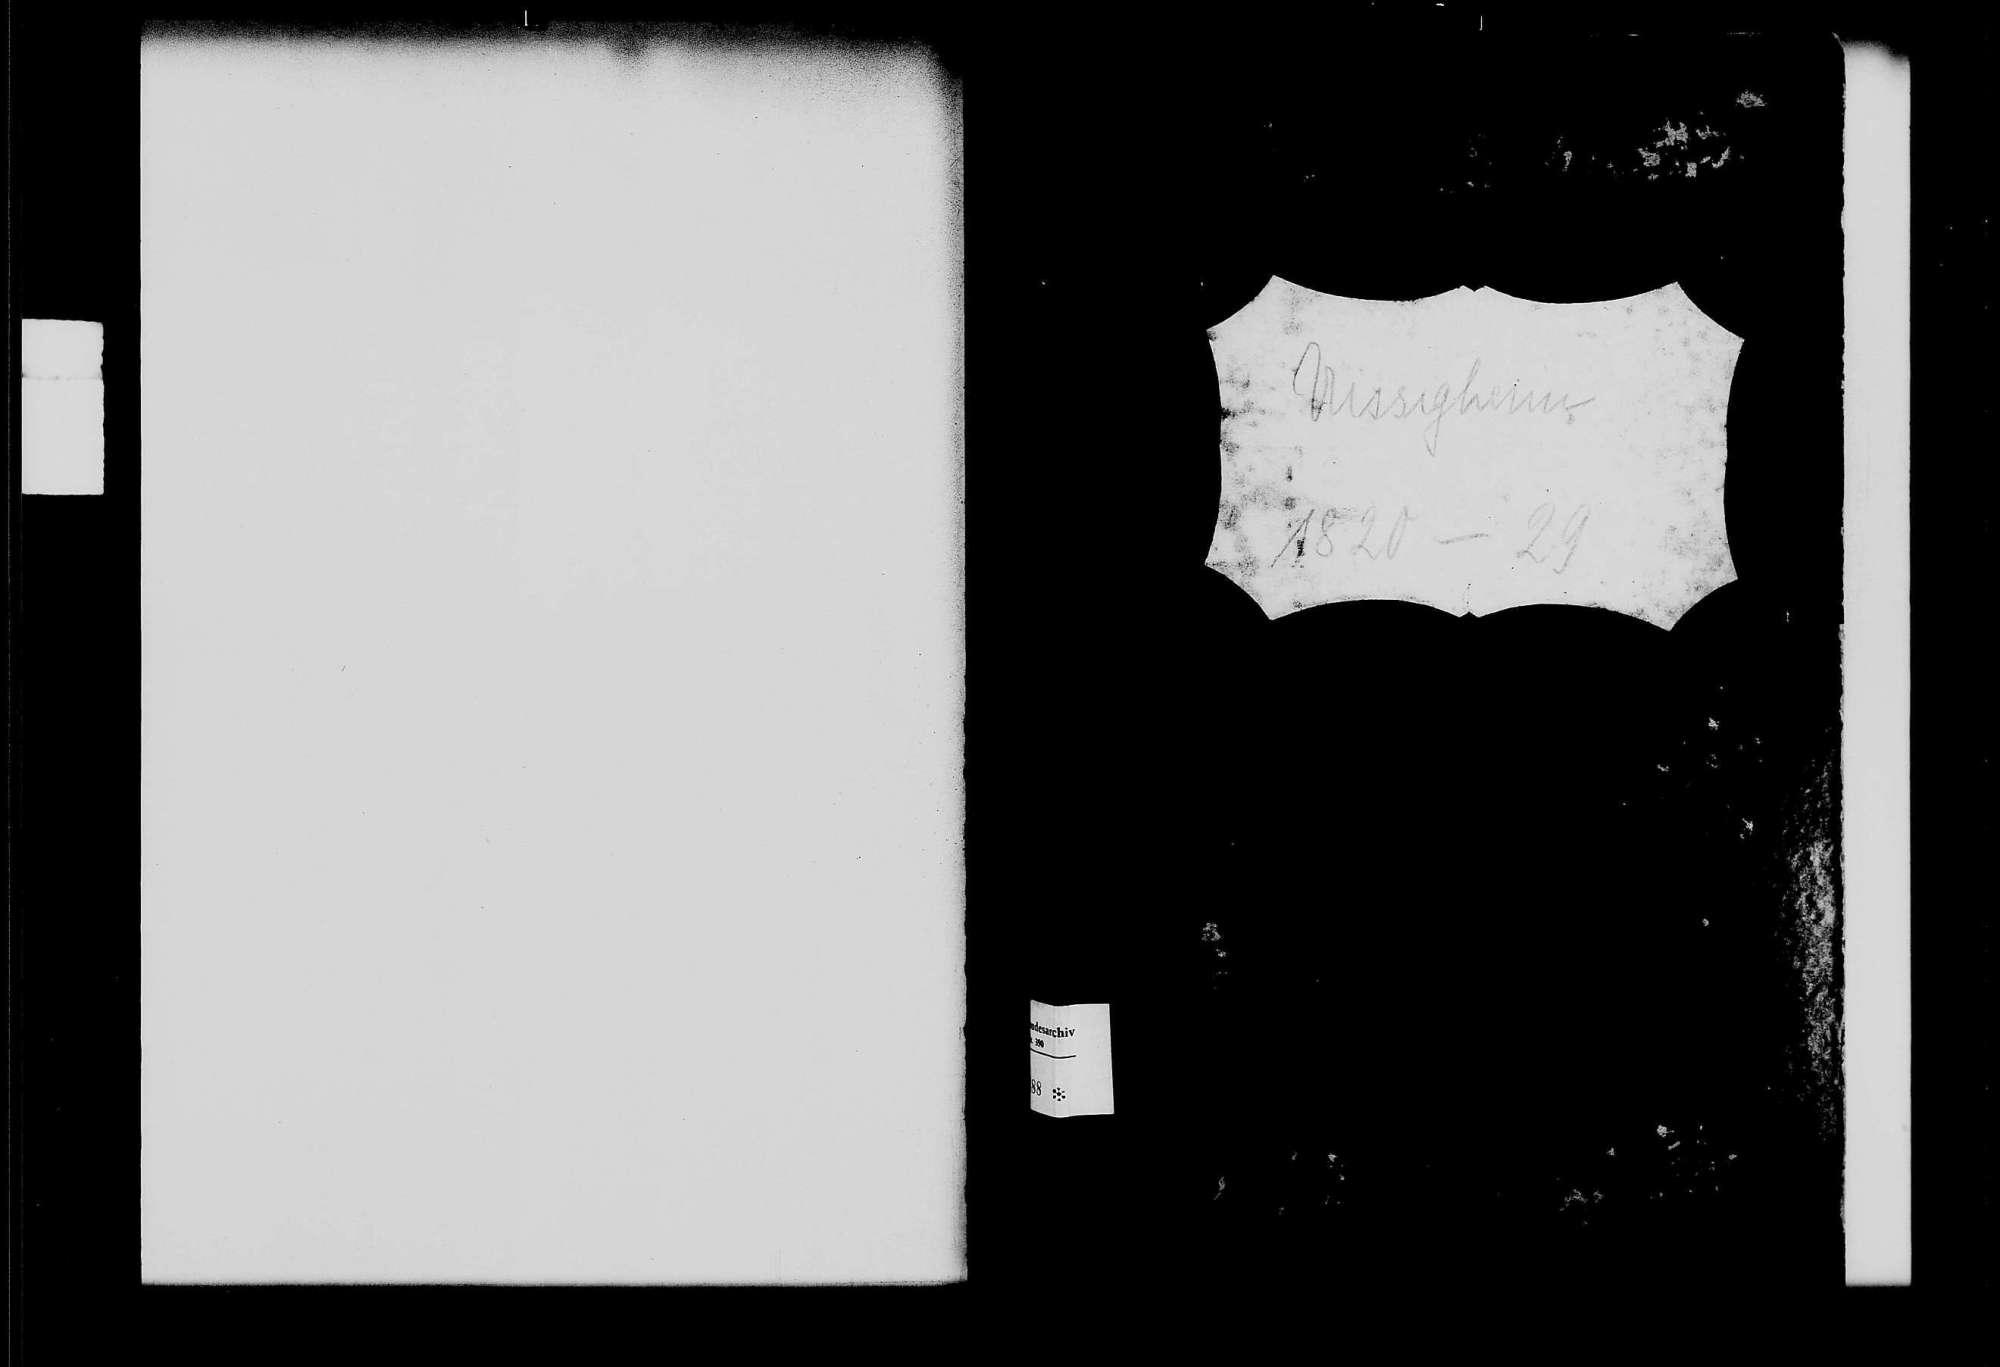 Uissigheim, katholische Gemeinde: Standesbuch 1820-1829, Bild 1